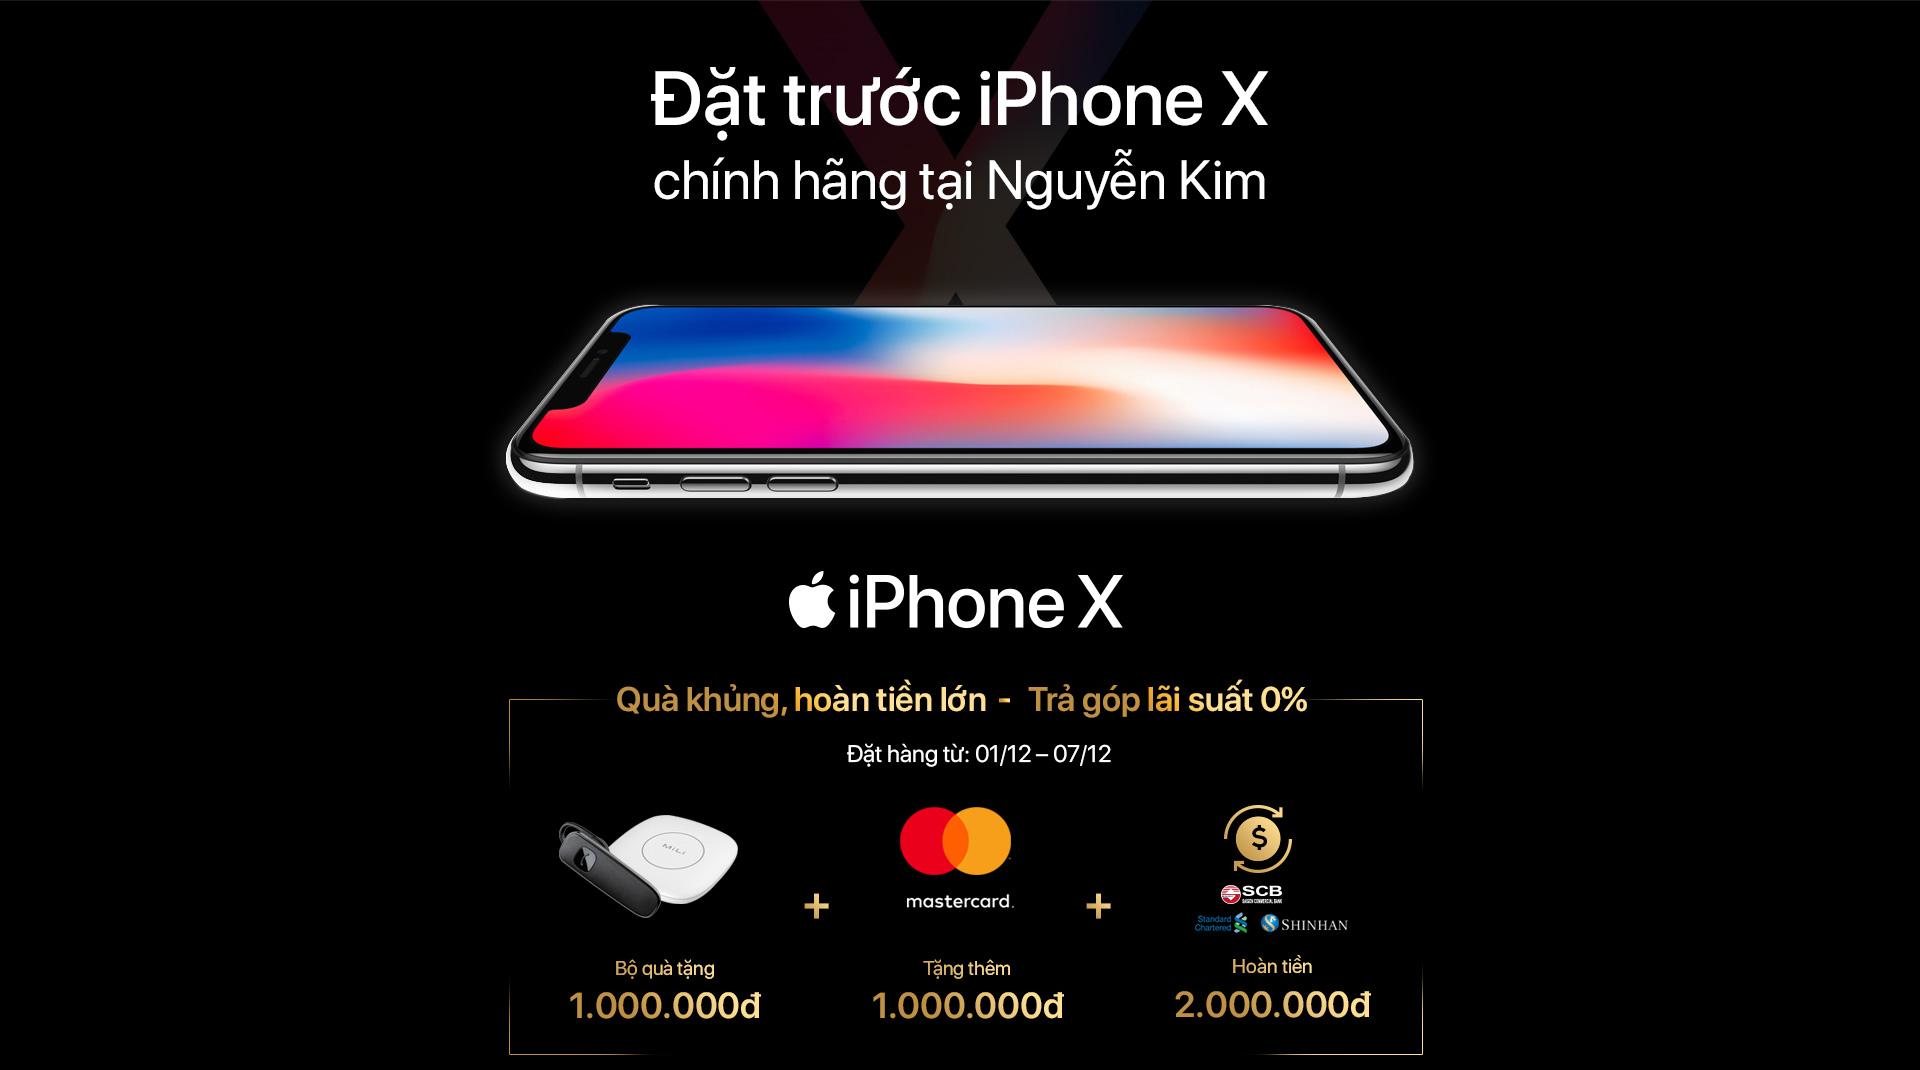 Đặt trước iPhone X chính hãng tại Nguyễn Kim và nhận quà khủng, hoàn tiền lớn, trả góp lãi suất 0%